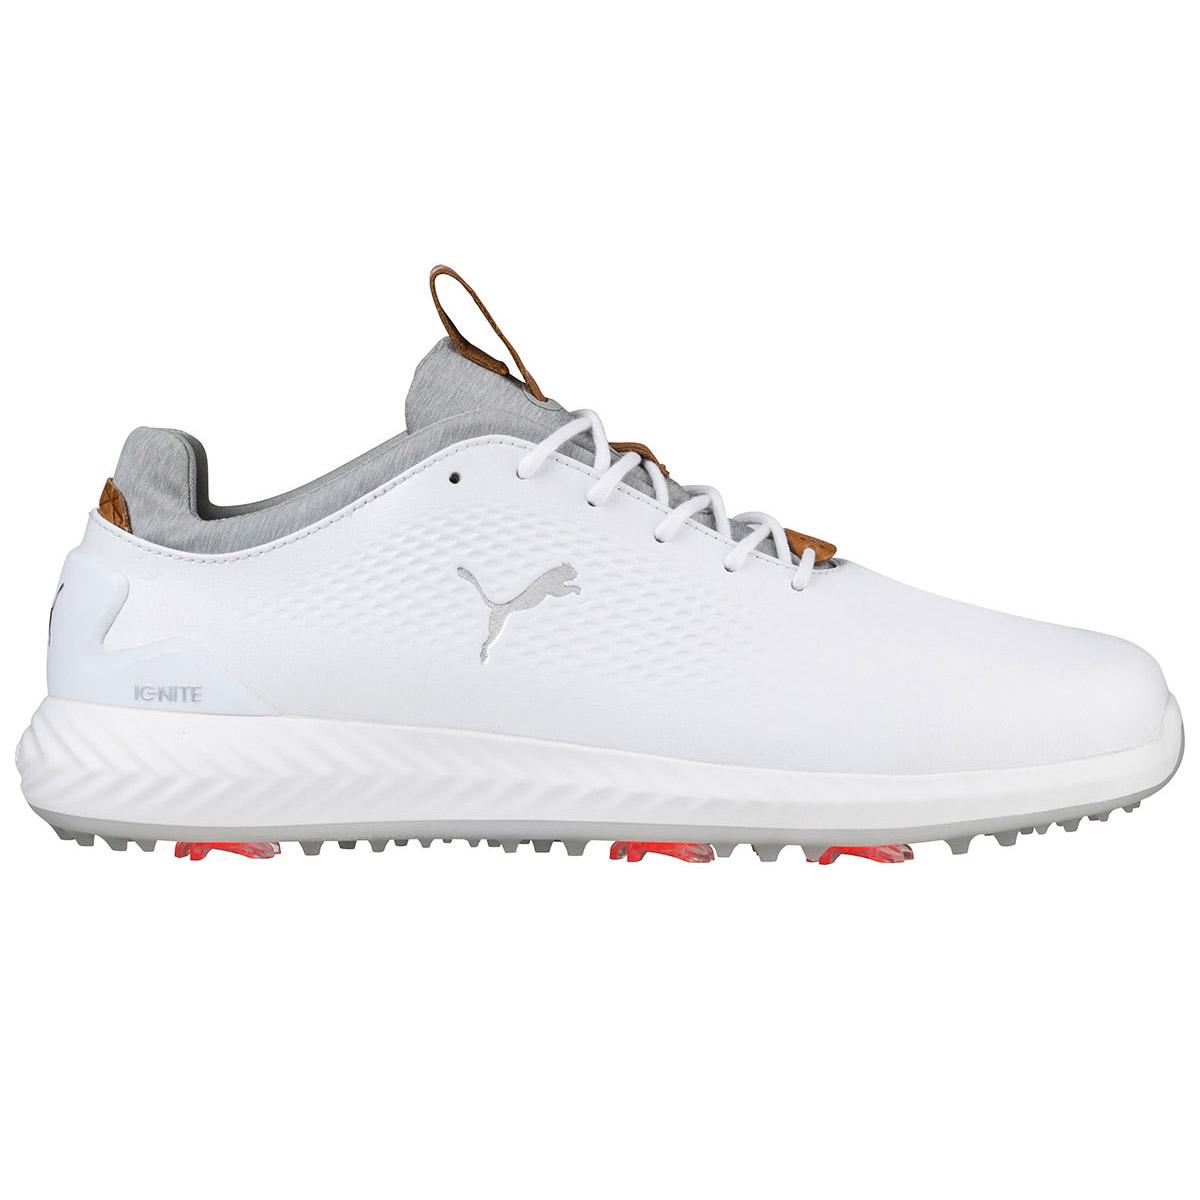 klassikko yksityiskohtaiset kuvat Yhdysvaltain halpa myynti PUMA Golf IGNITE PWRADAPT Leather Shoes